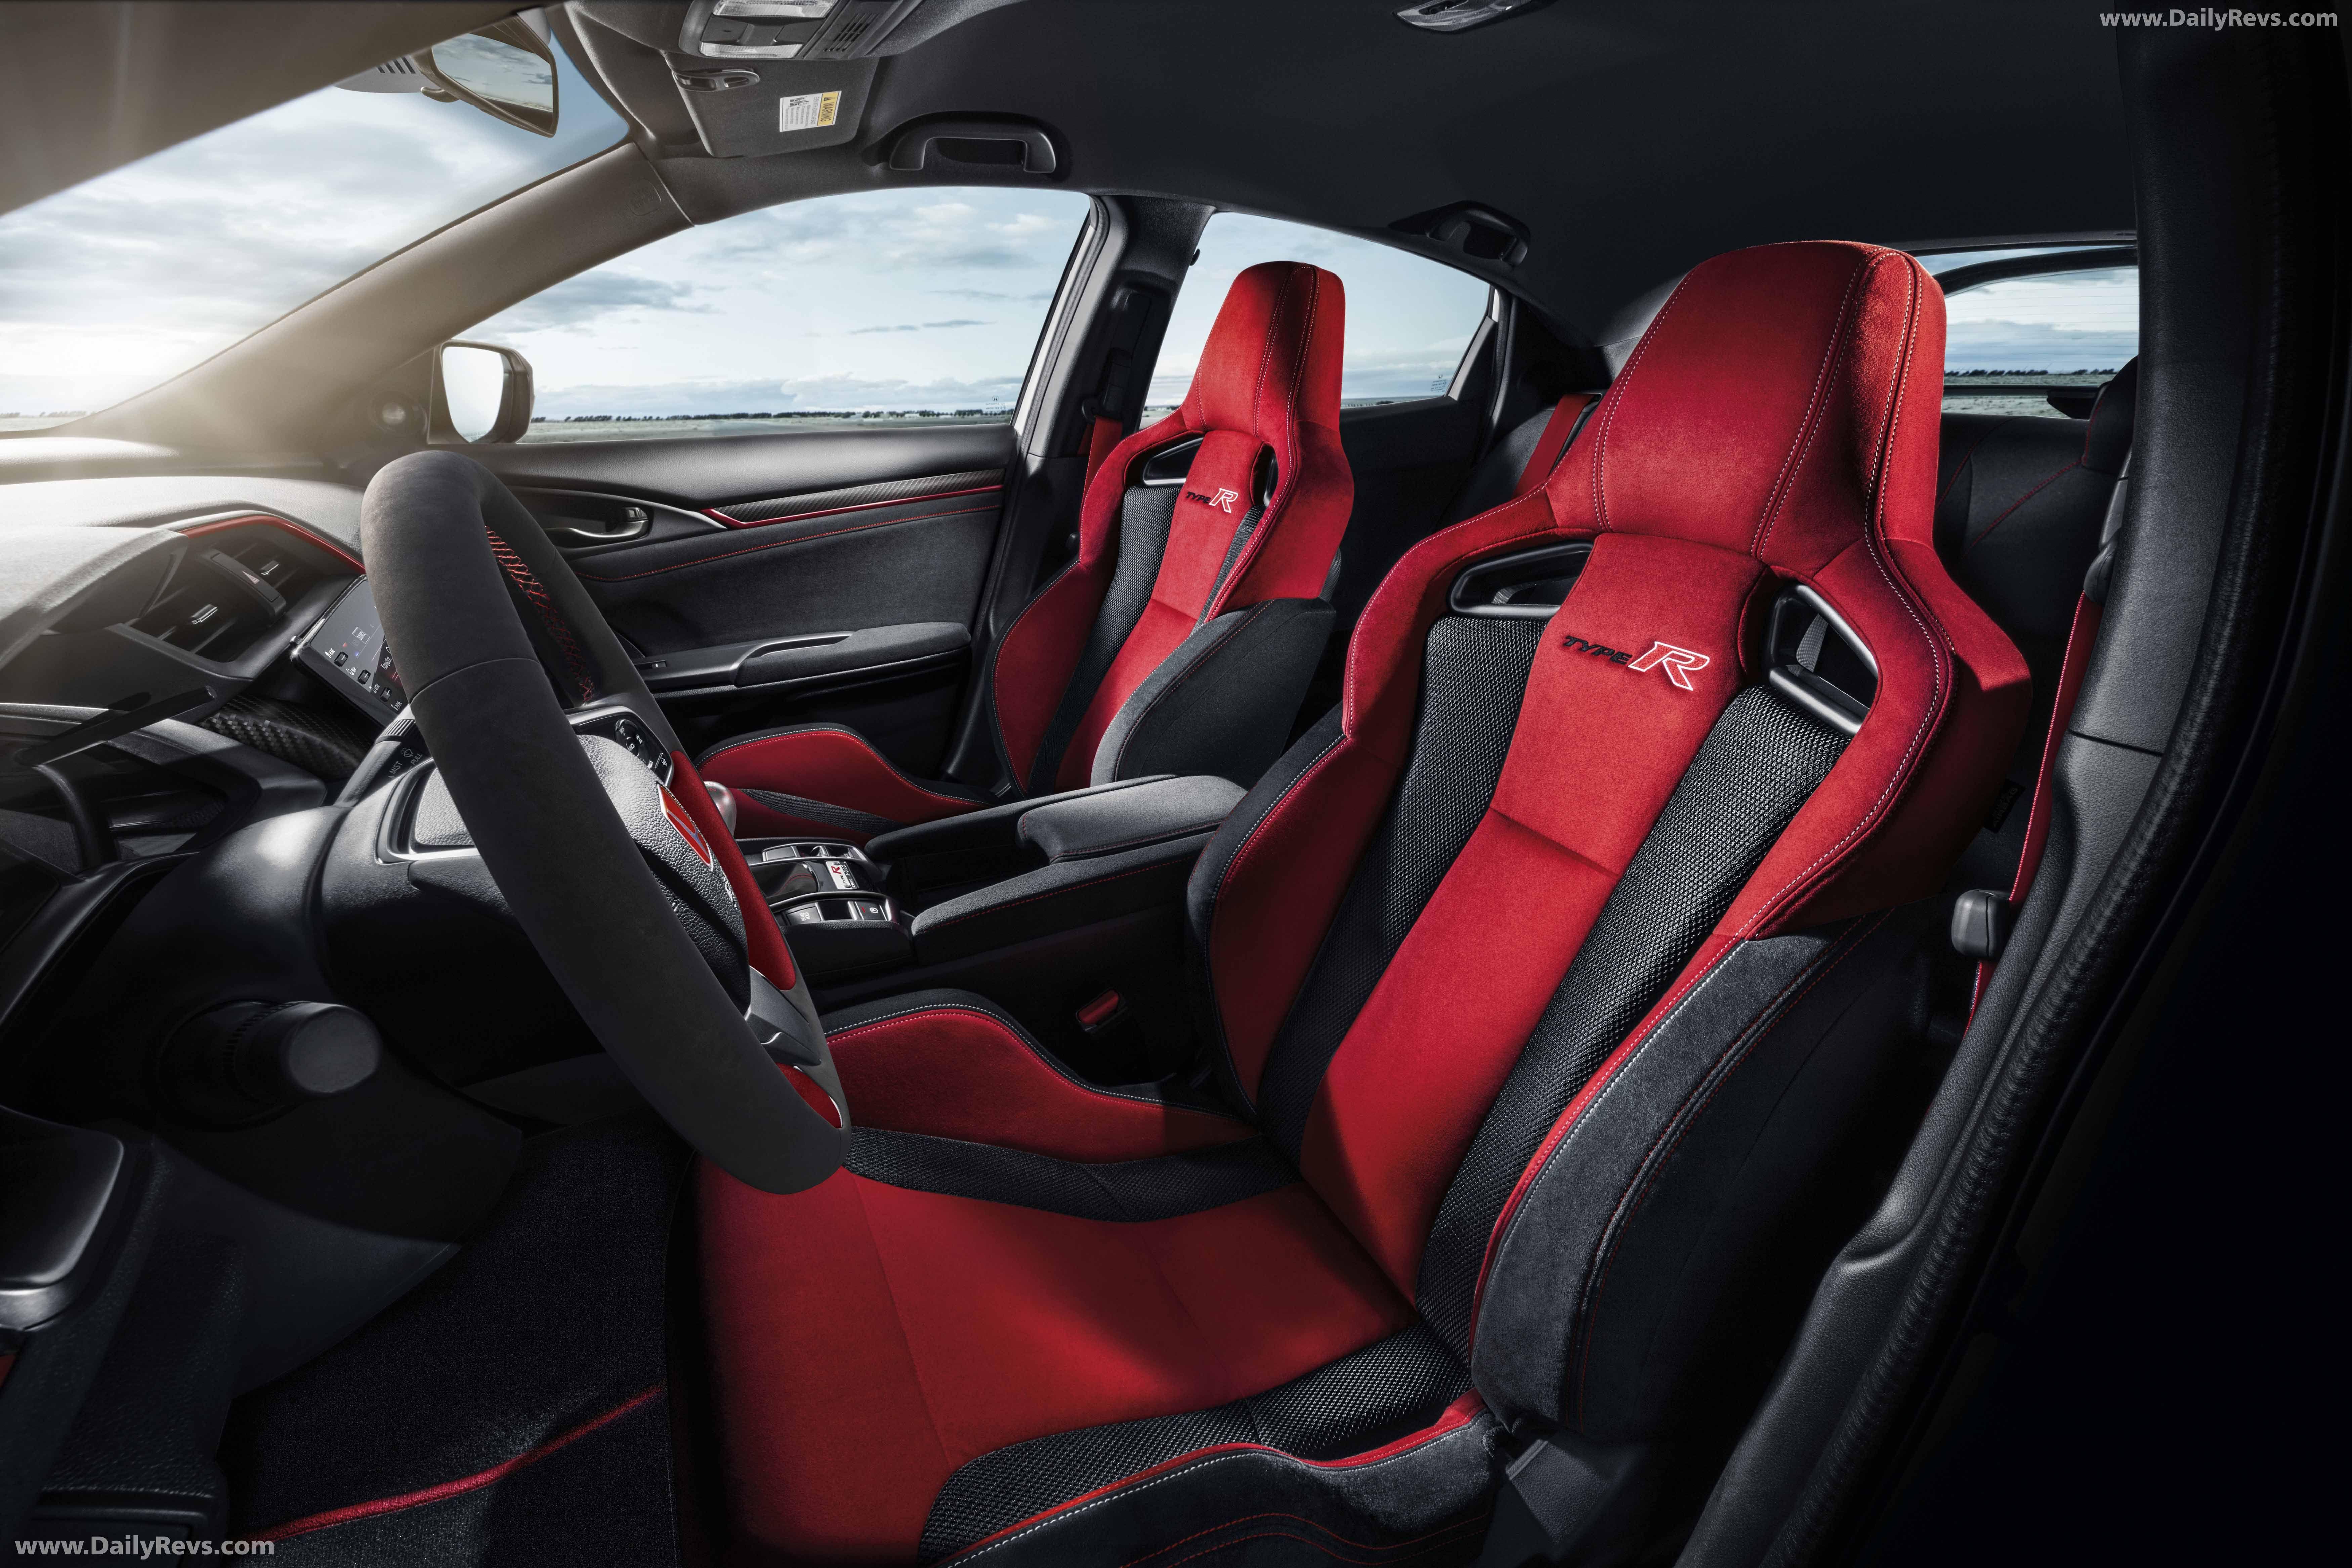 2020 Honda Civic Type R Dailyrevs in 2020 Honda civic